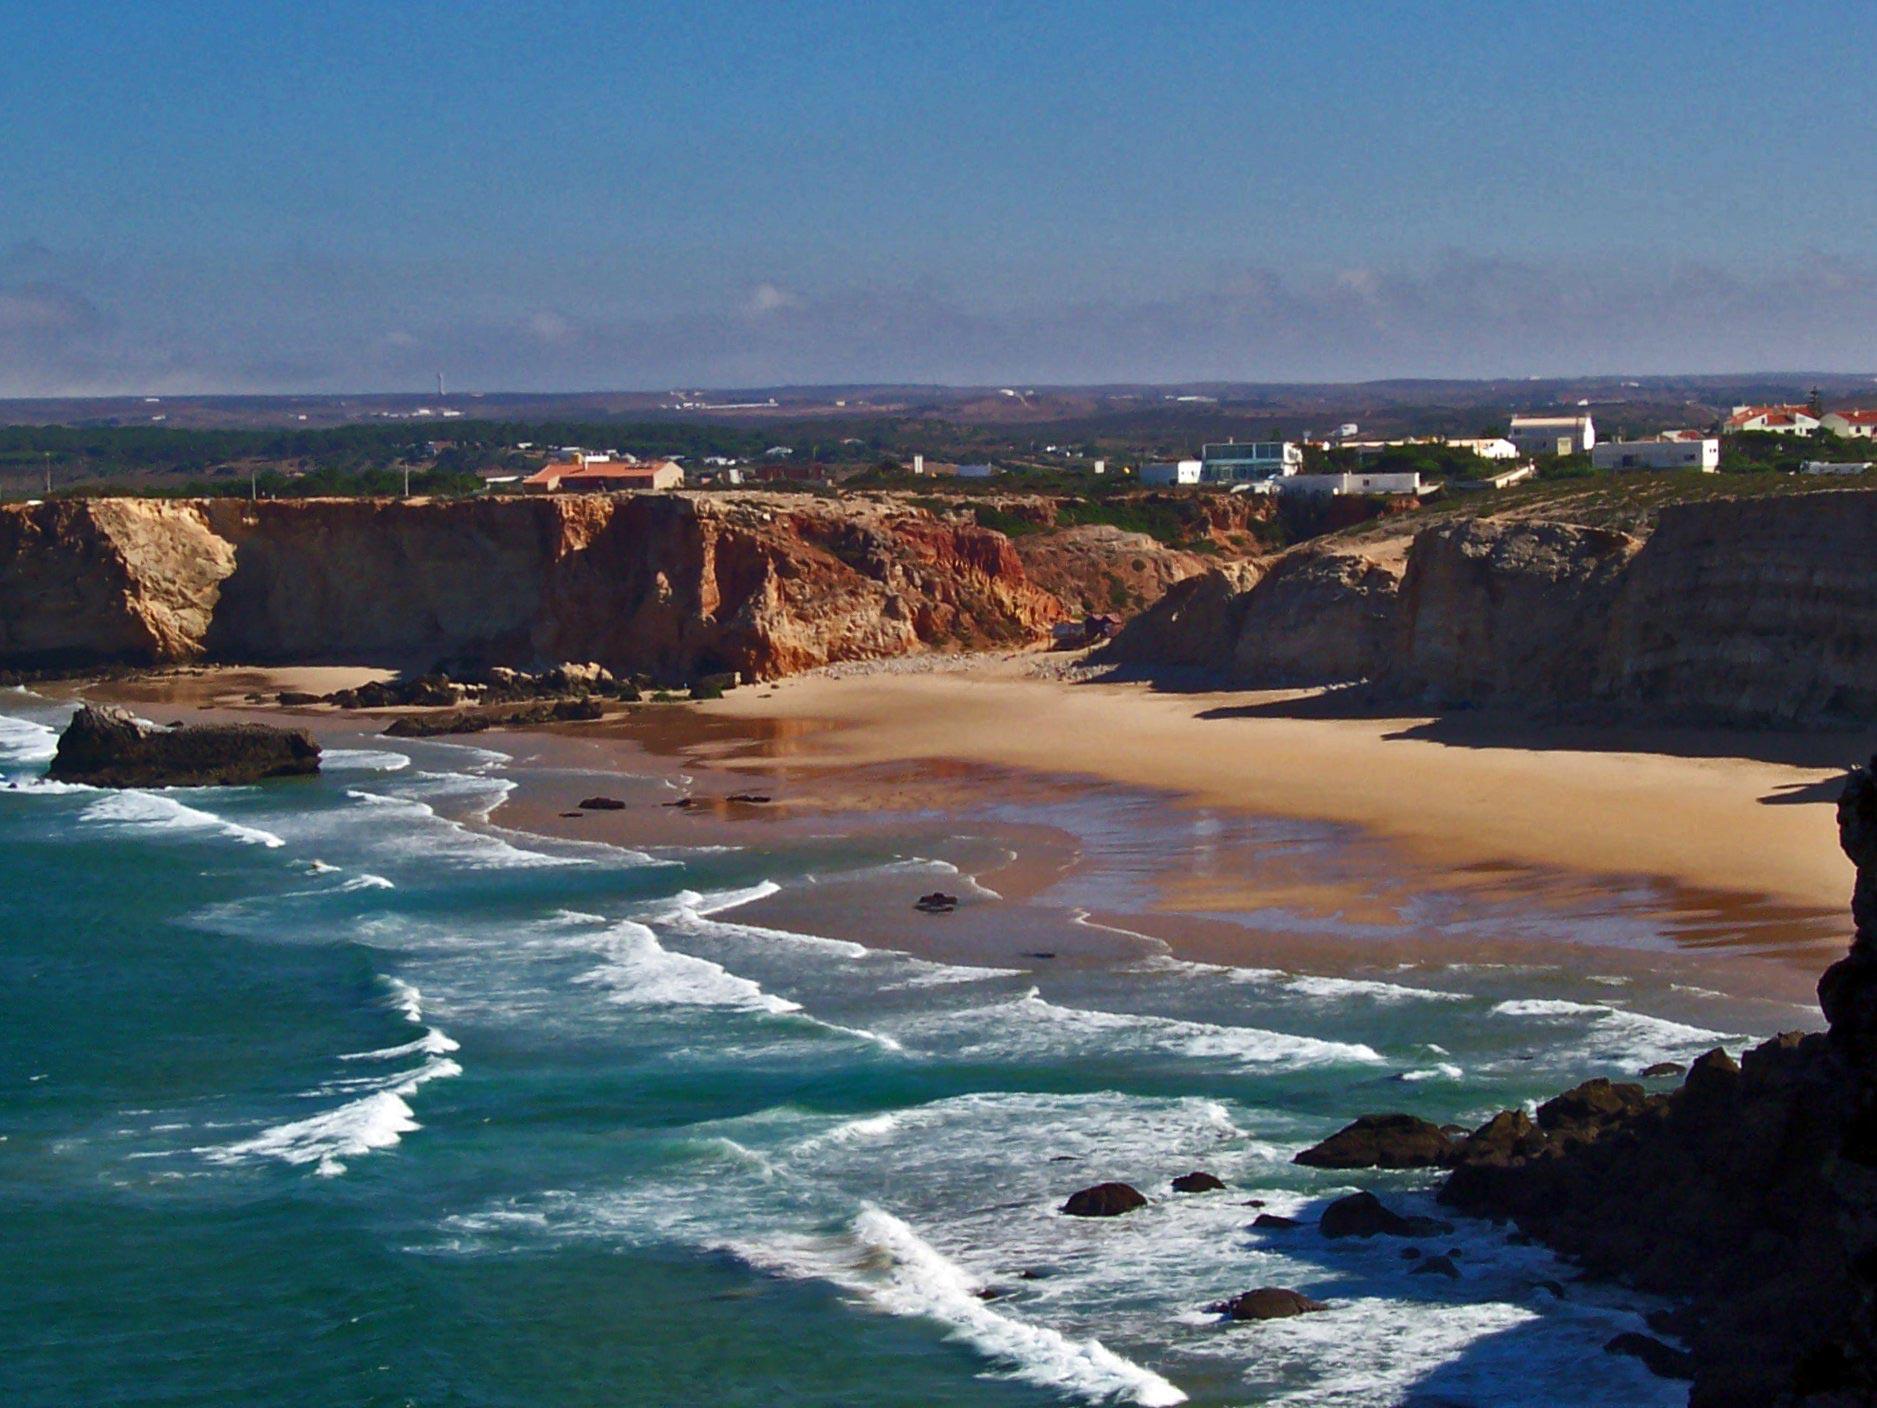 La plage de Tonel-Vila do Bispo